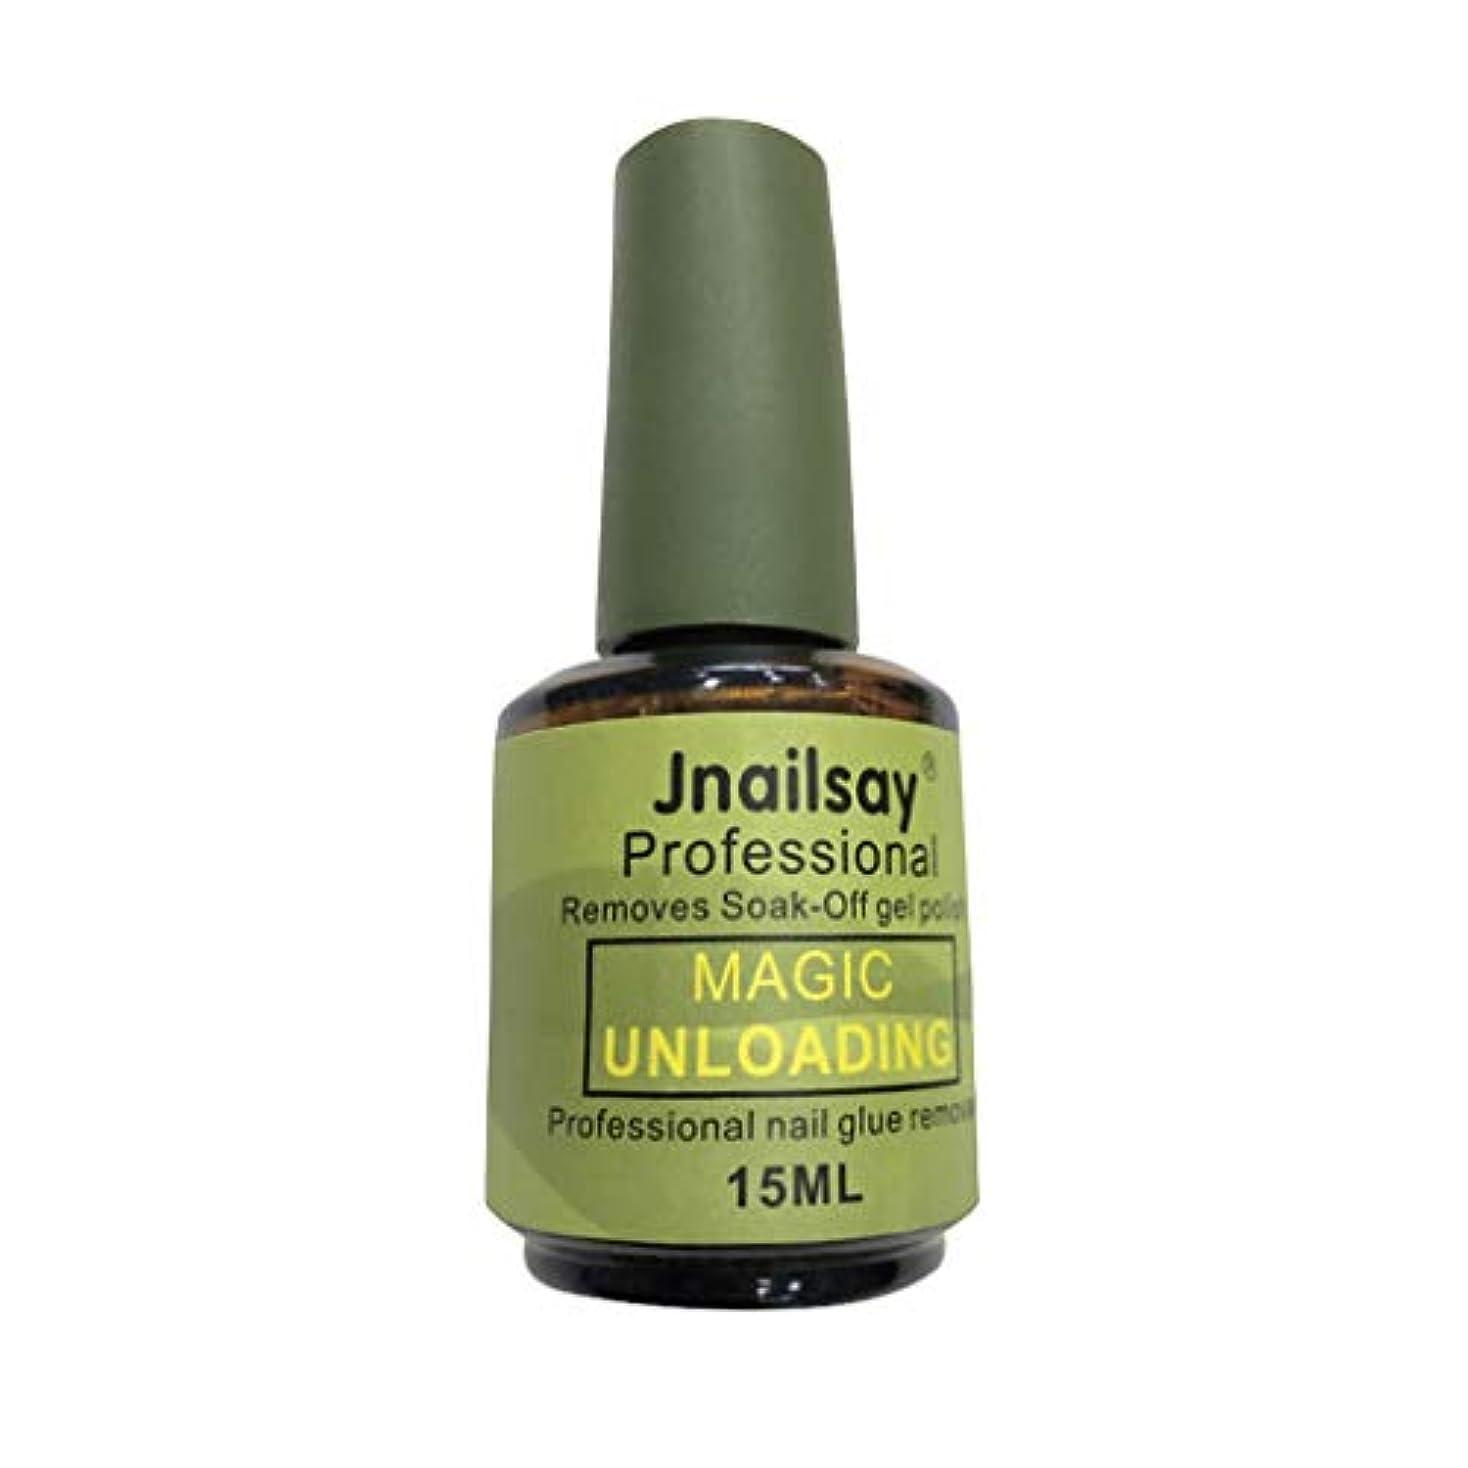 ヘッジ中古ダースネイル用品 Jnailsay 15ml速い破裂の装甲接着剤1分の荷を下す操作は釘を傷つけないで簡単で便利です (多色)